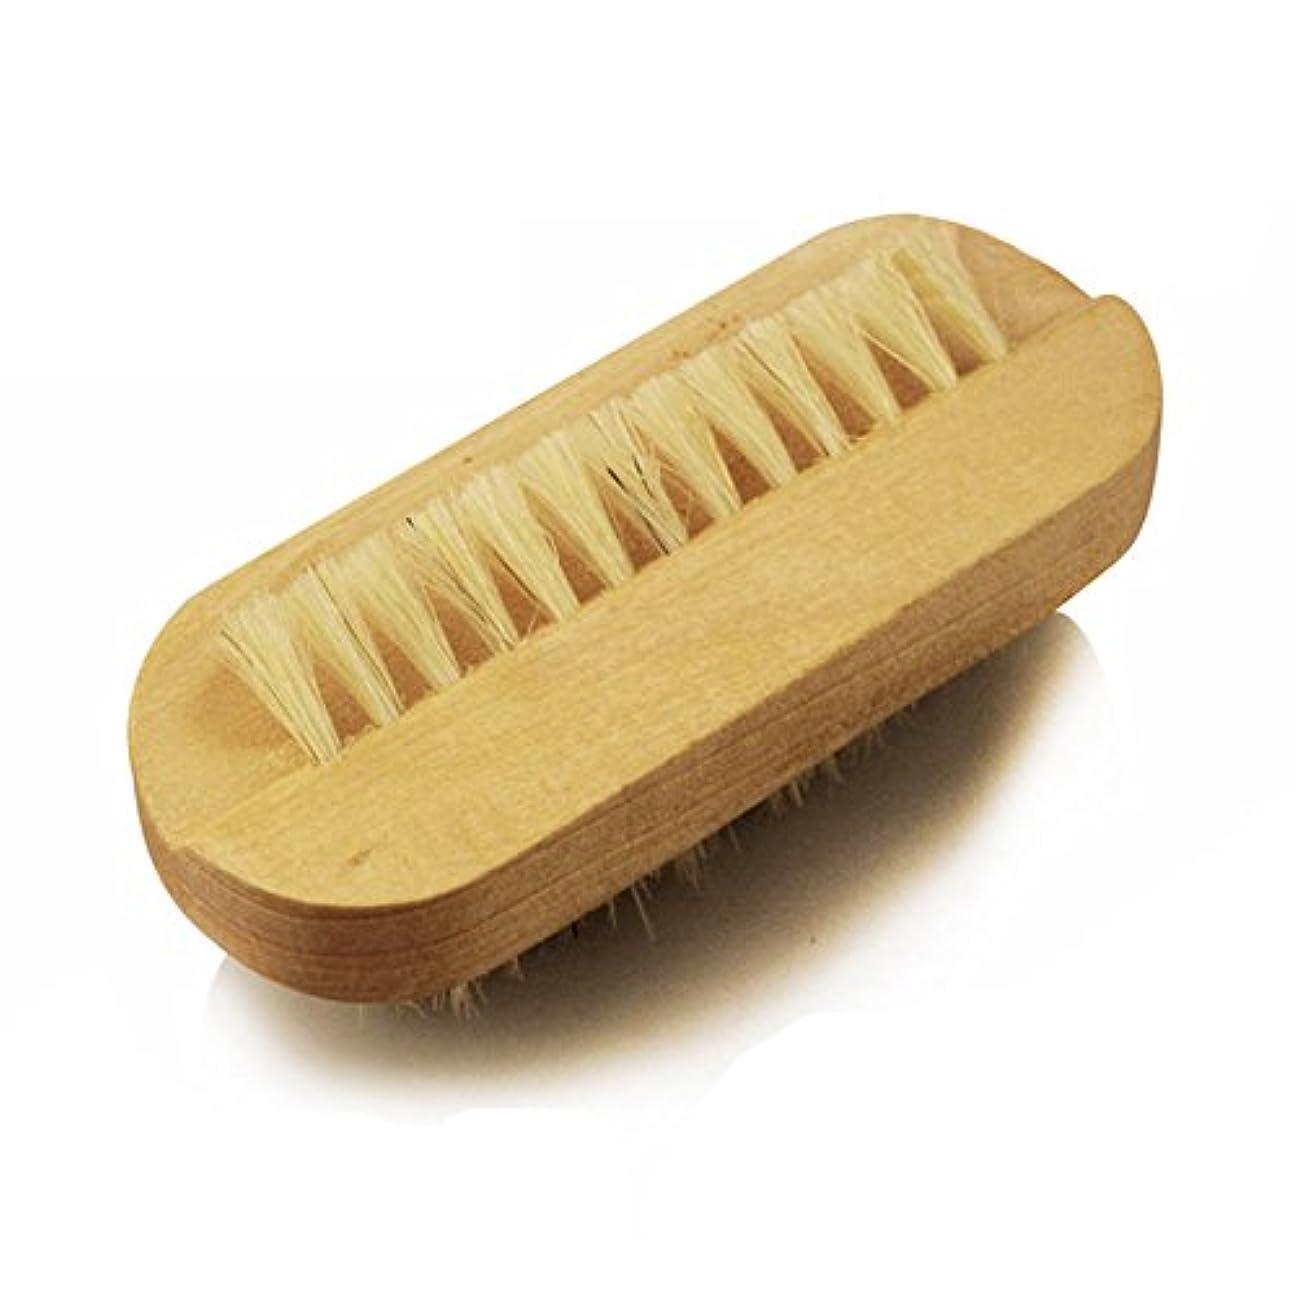 ピンク第二外出ボディブラシ 木製ブラシ Hrph ネイルブラシ フットブラシ 足の裏ブラシ ネイルハンドブラシ 手洗いブラシ 爪ブラシ 木柄ブラシ 豚毛ブラシ マッサージャー セルライト除去 角質除去